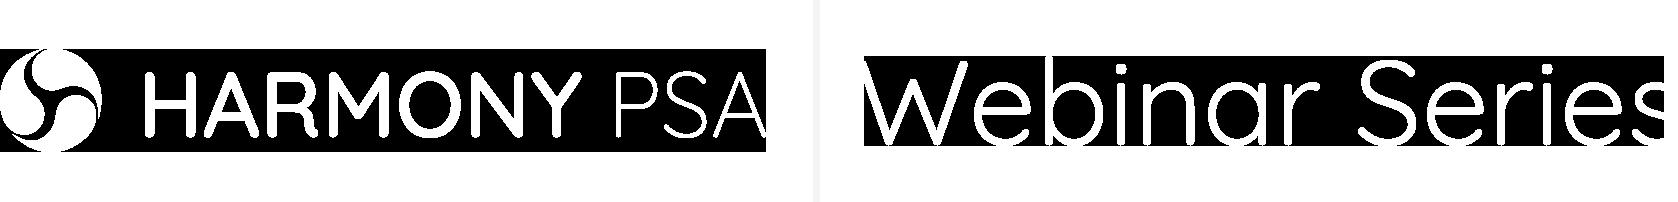 HarmonyPSA White Logo